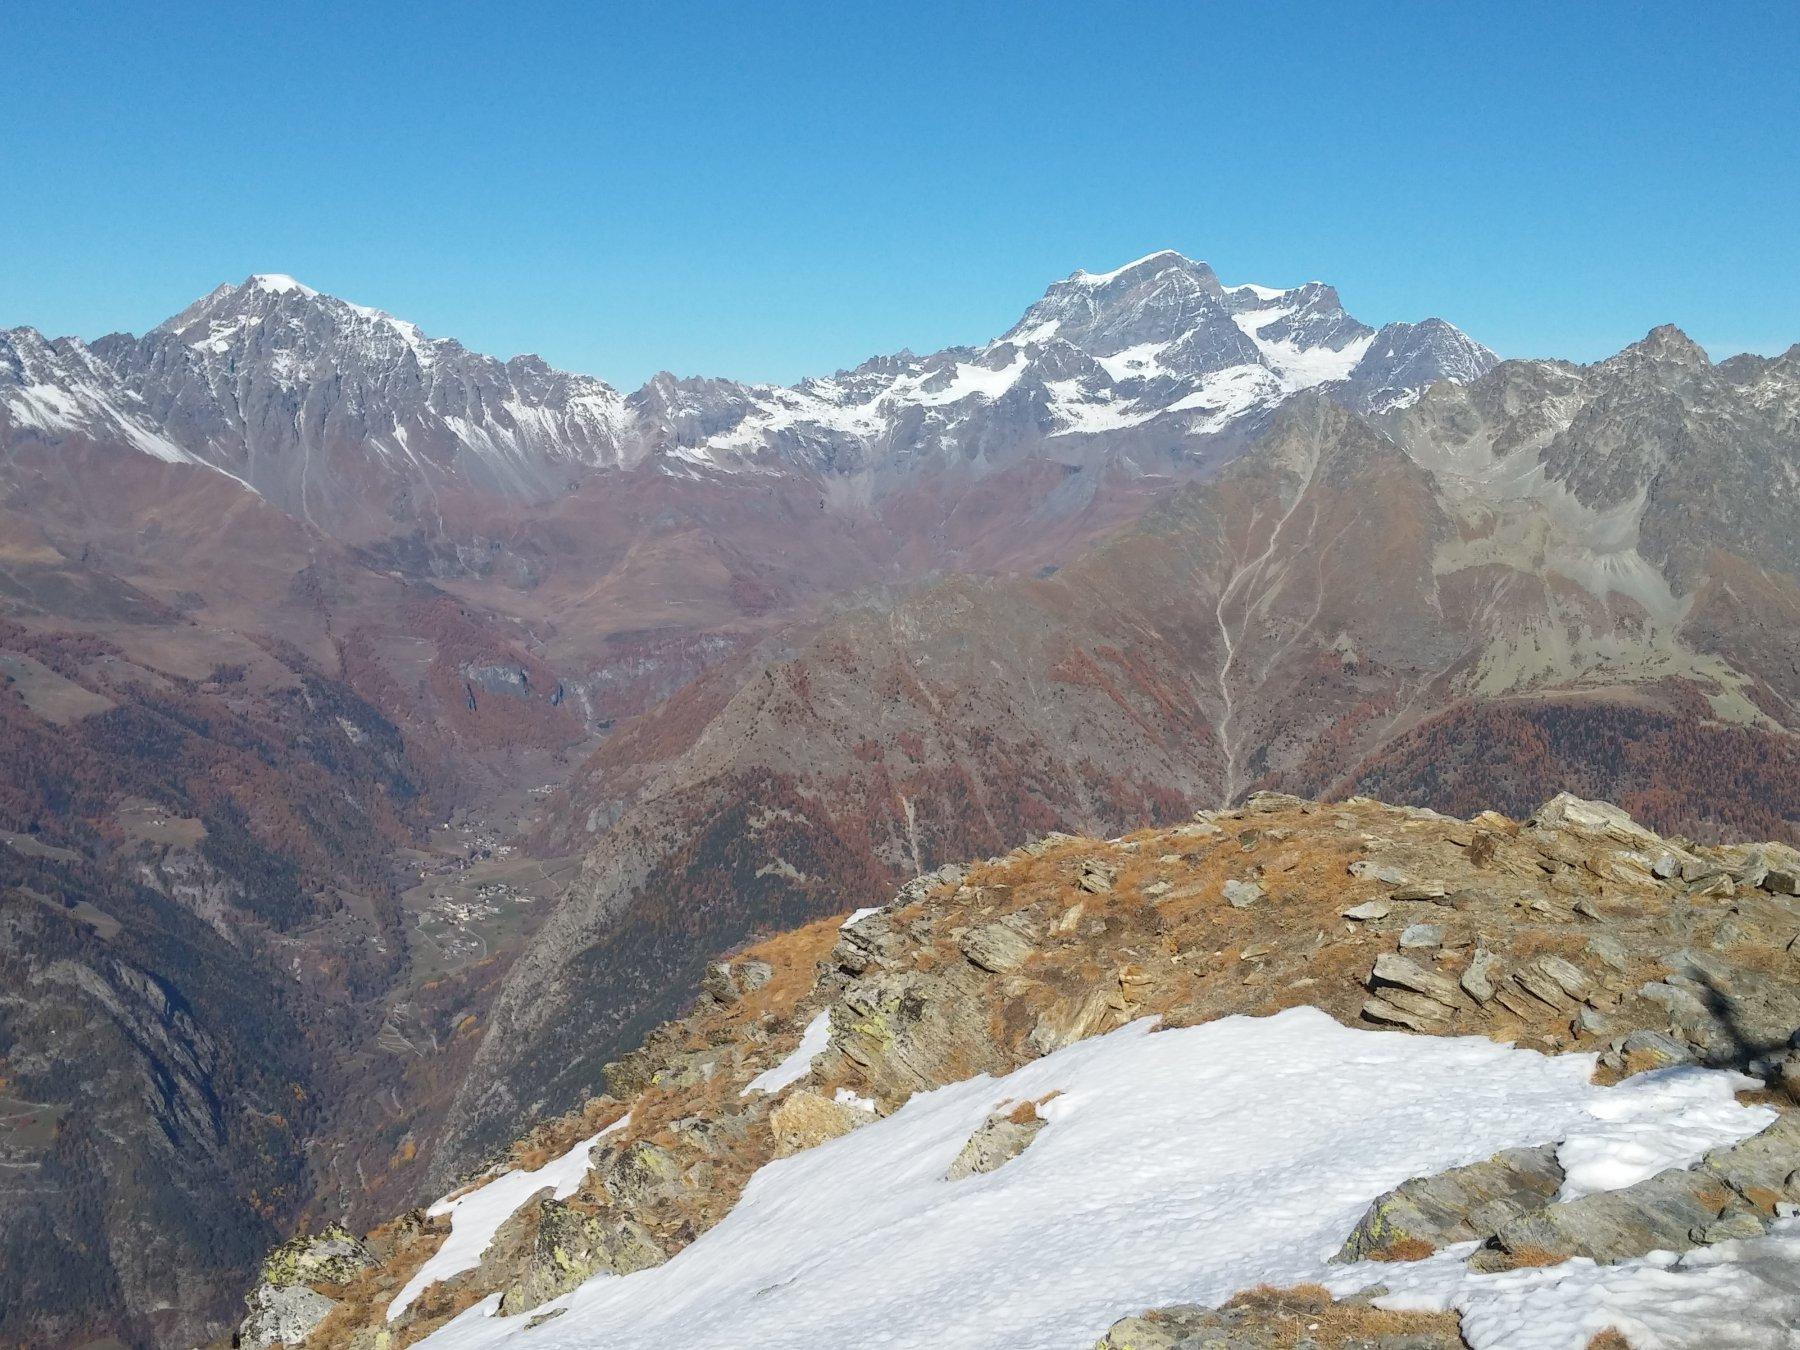 La valle di Ollomont dalla vetta, con a sx il Mont Velan e a dx il Gran Combin